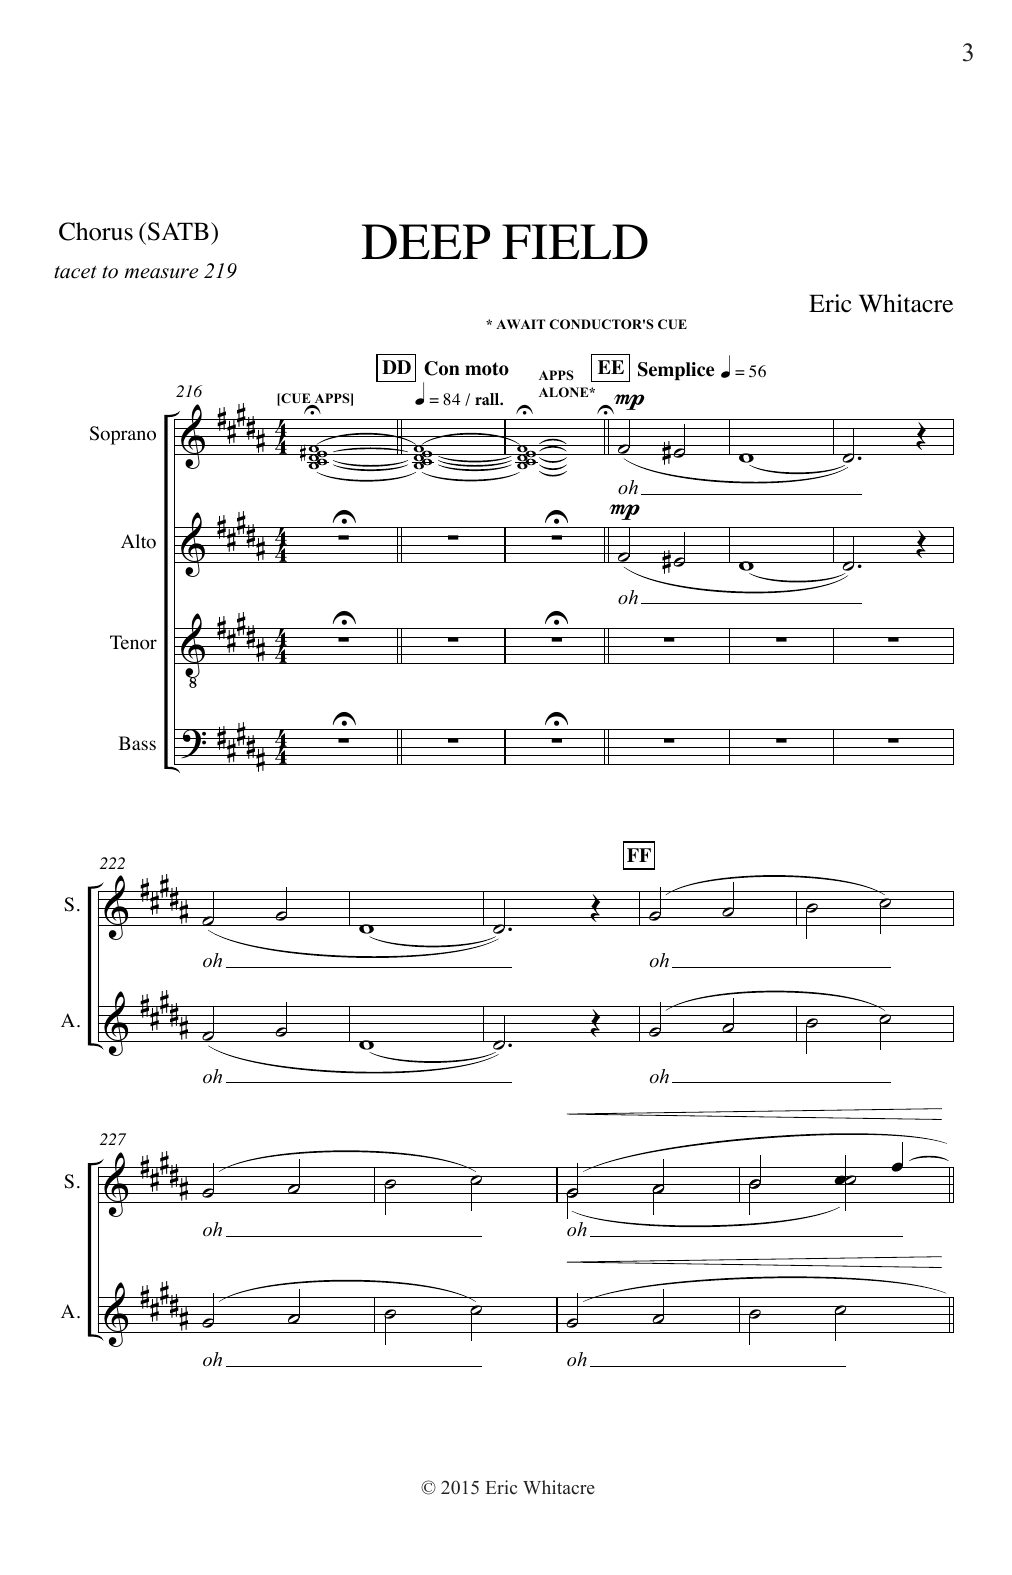 Deep Field (SATB Choir)